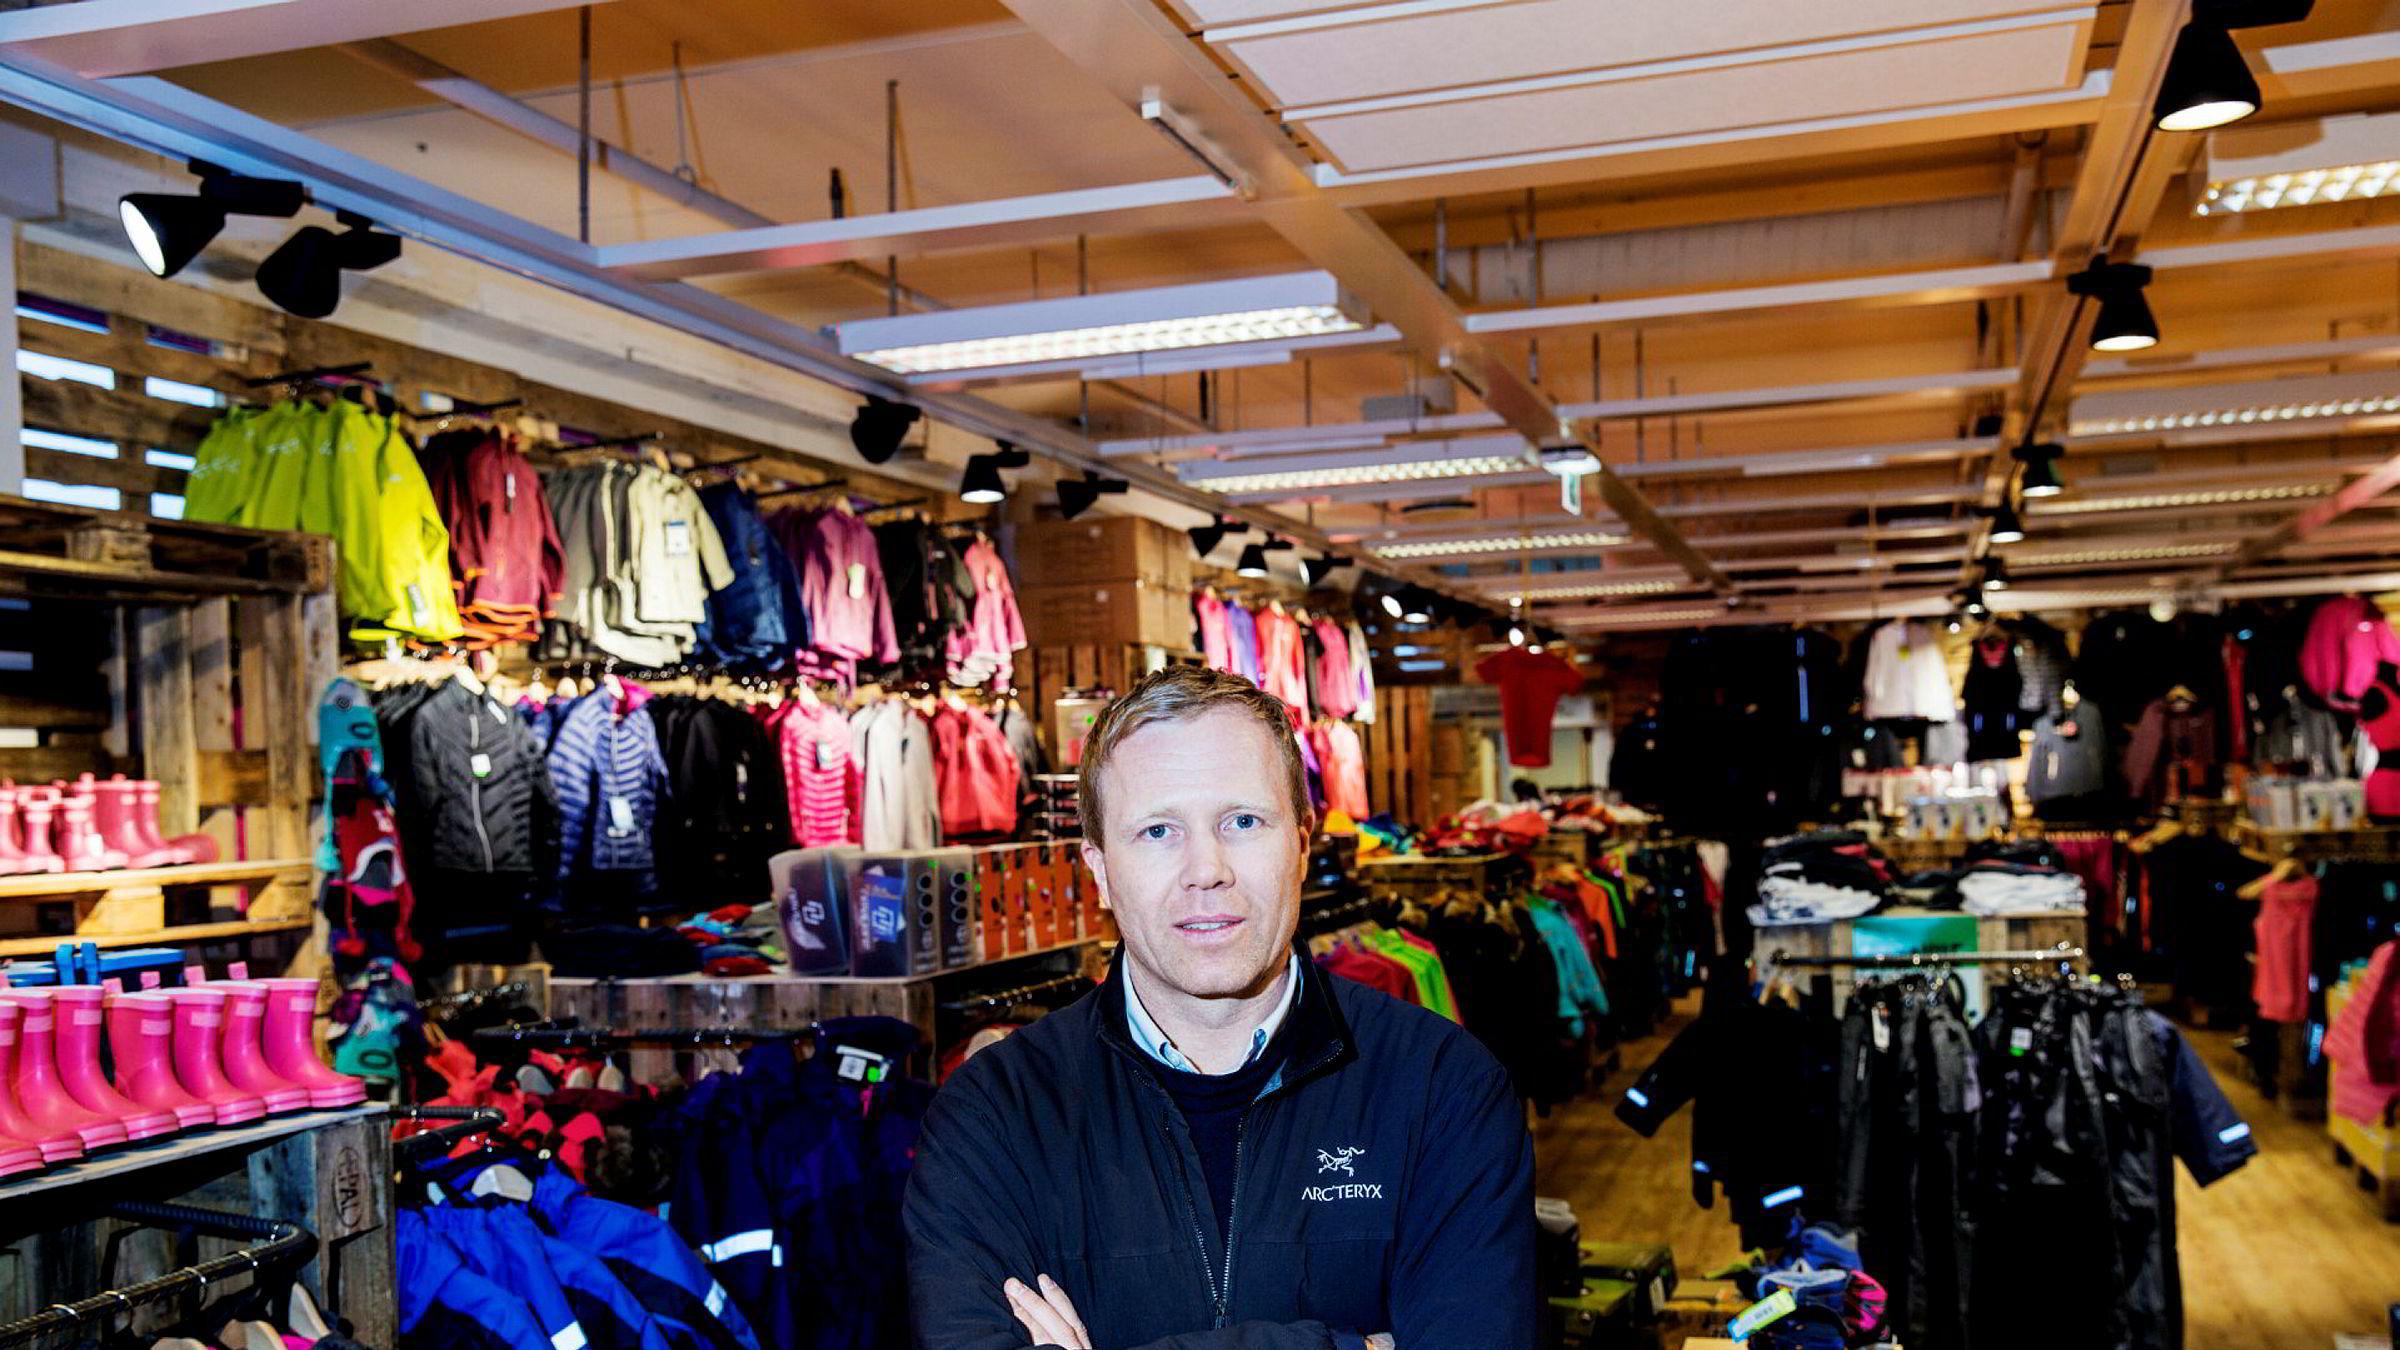 I skyggen av de store kjedene som XXL og Gresvig har Tor-Andre Skeie og Sport Outlet bygget opp en kjede med titalls butikker. Kjeden har blant annet spesialisert seg på billige varepartier som har vært tiltenkt andre kjeder.